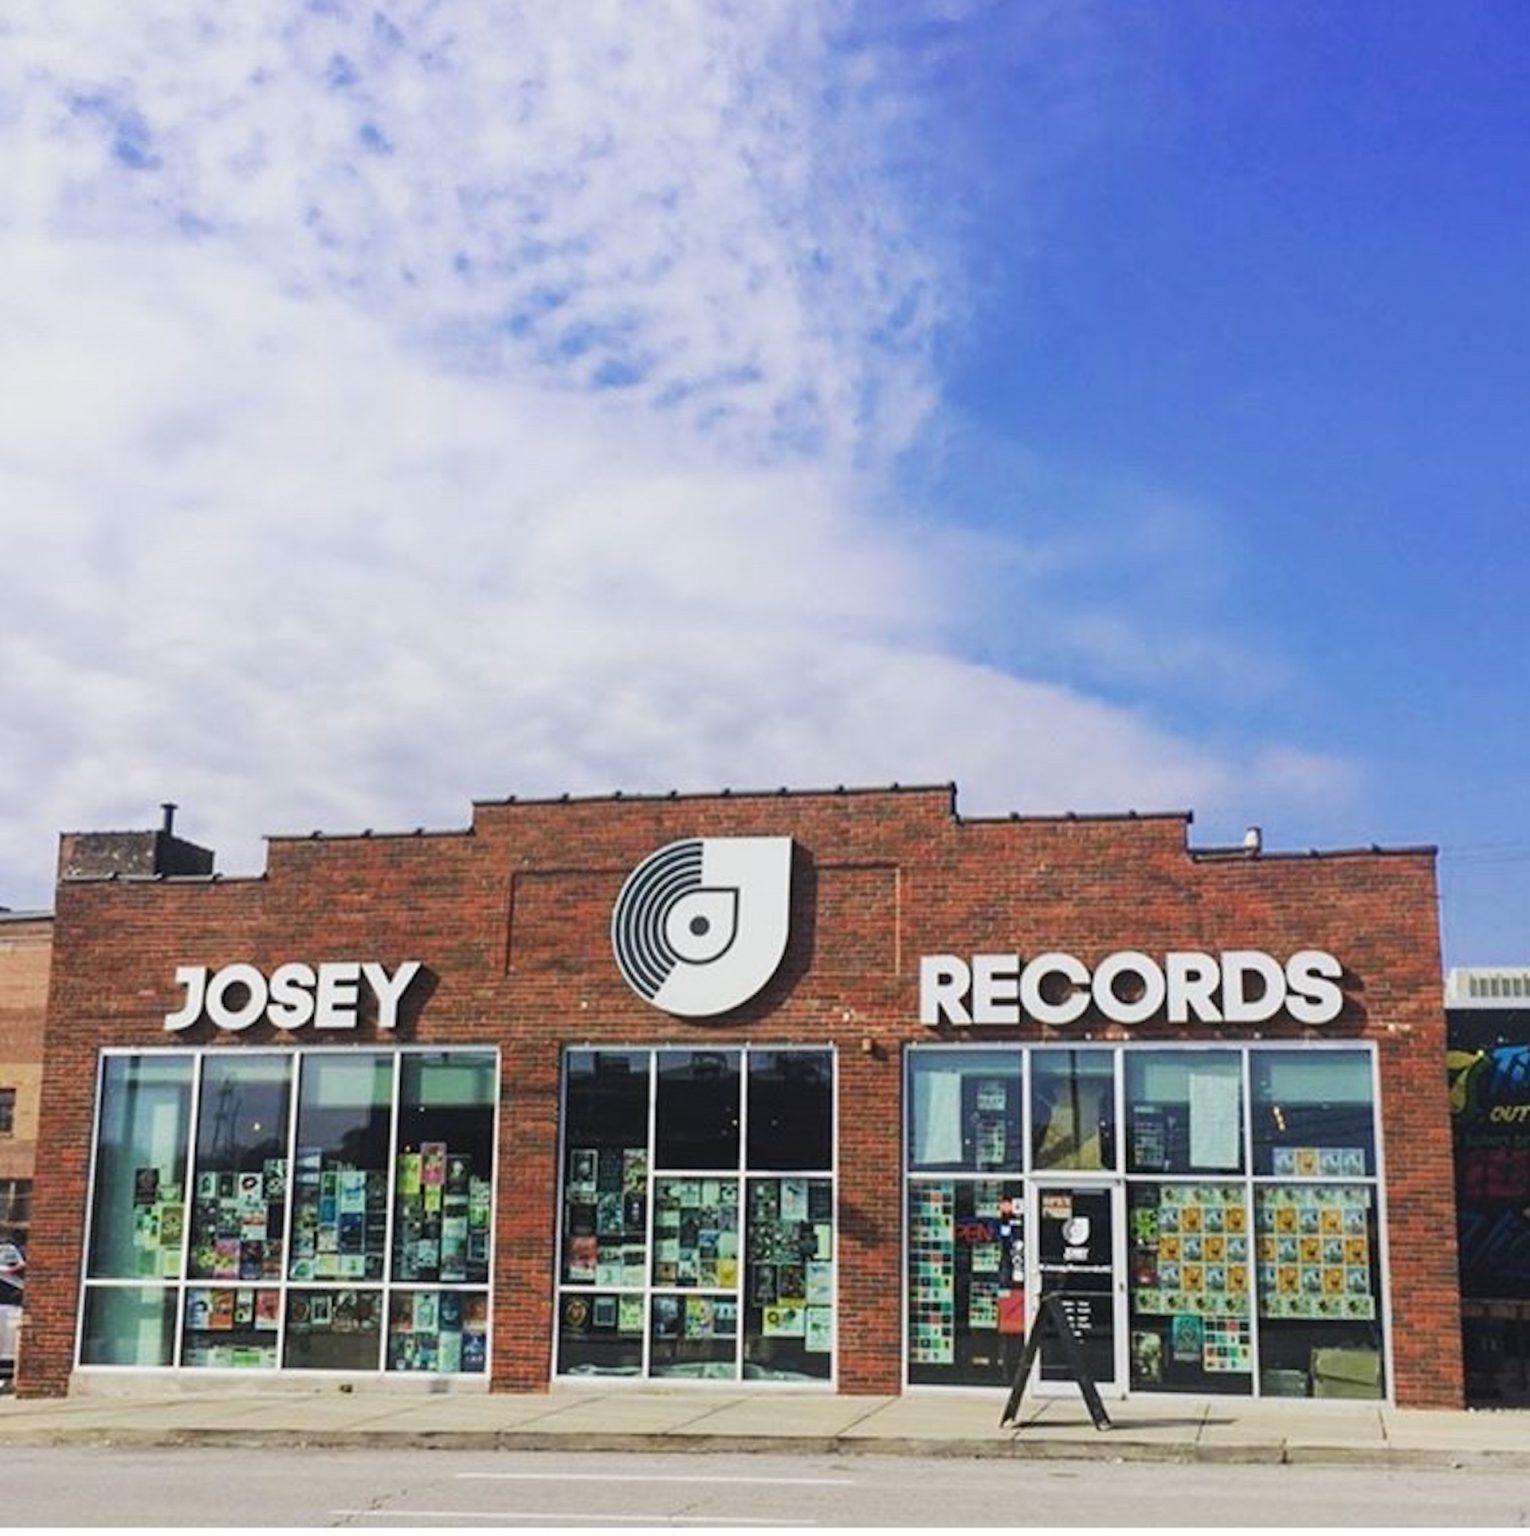 Josey_20.05.20-1440x1446 オーディオテクニカとDiscogsが提携し、世界各国のレコード店をサポート